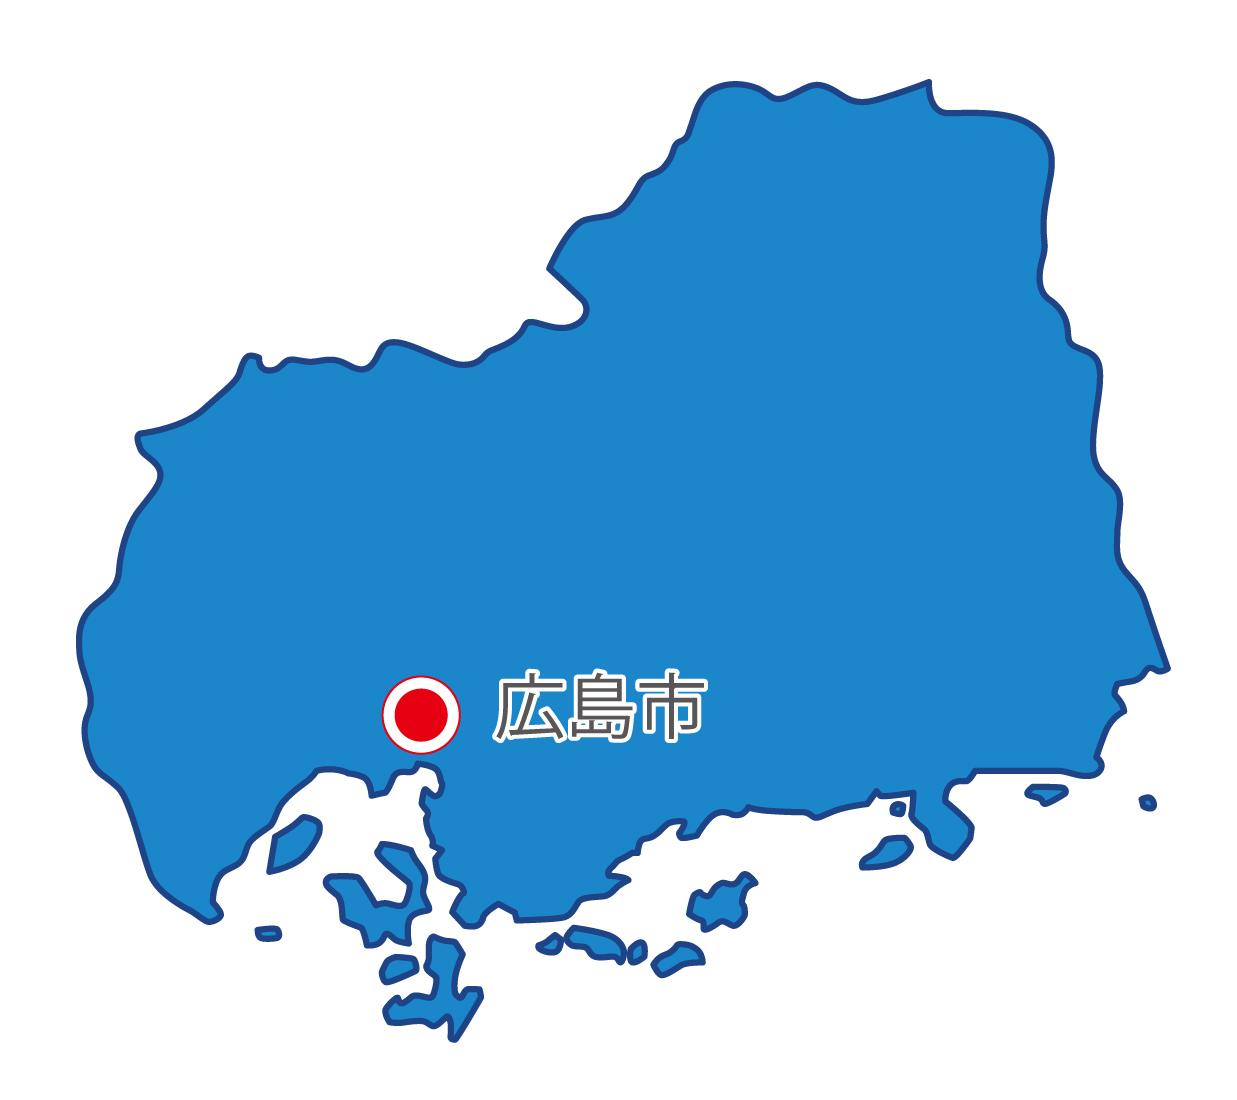 広島県無料フリーイラスト|日本語・県庁所在地あり(青)